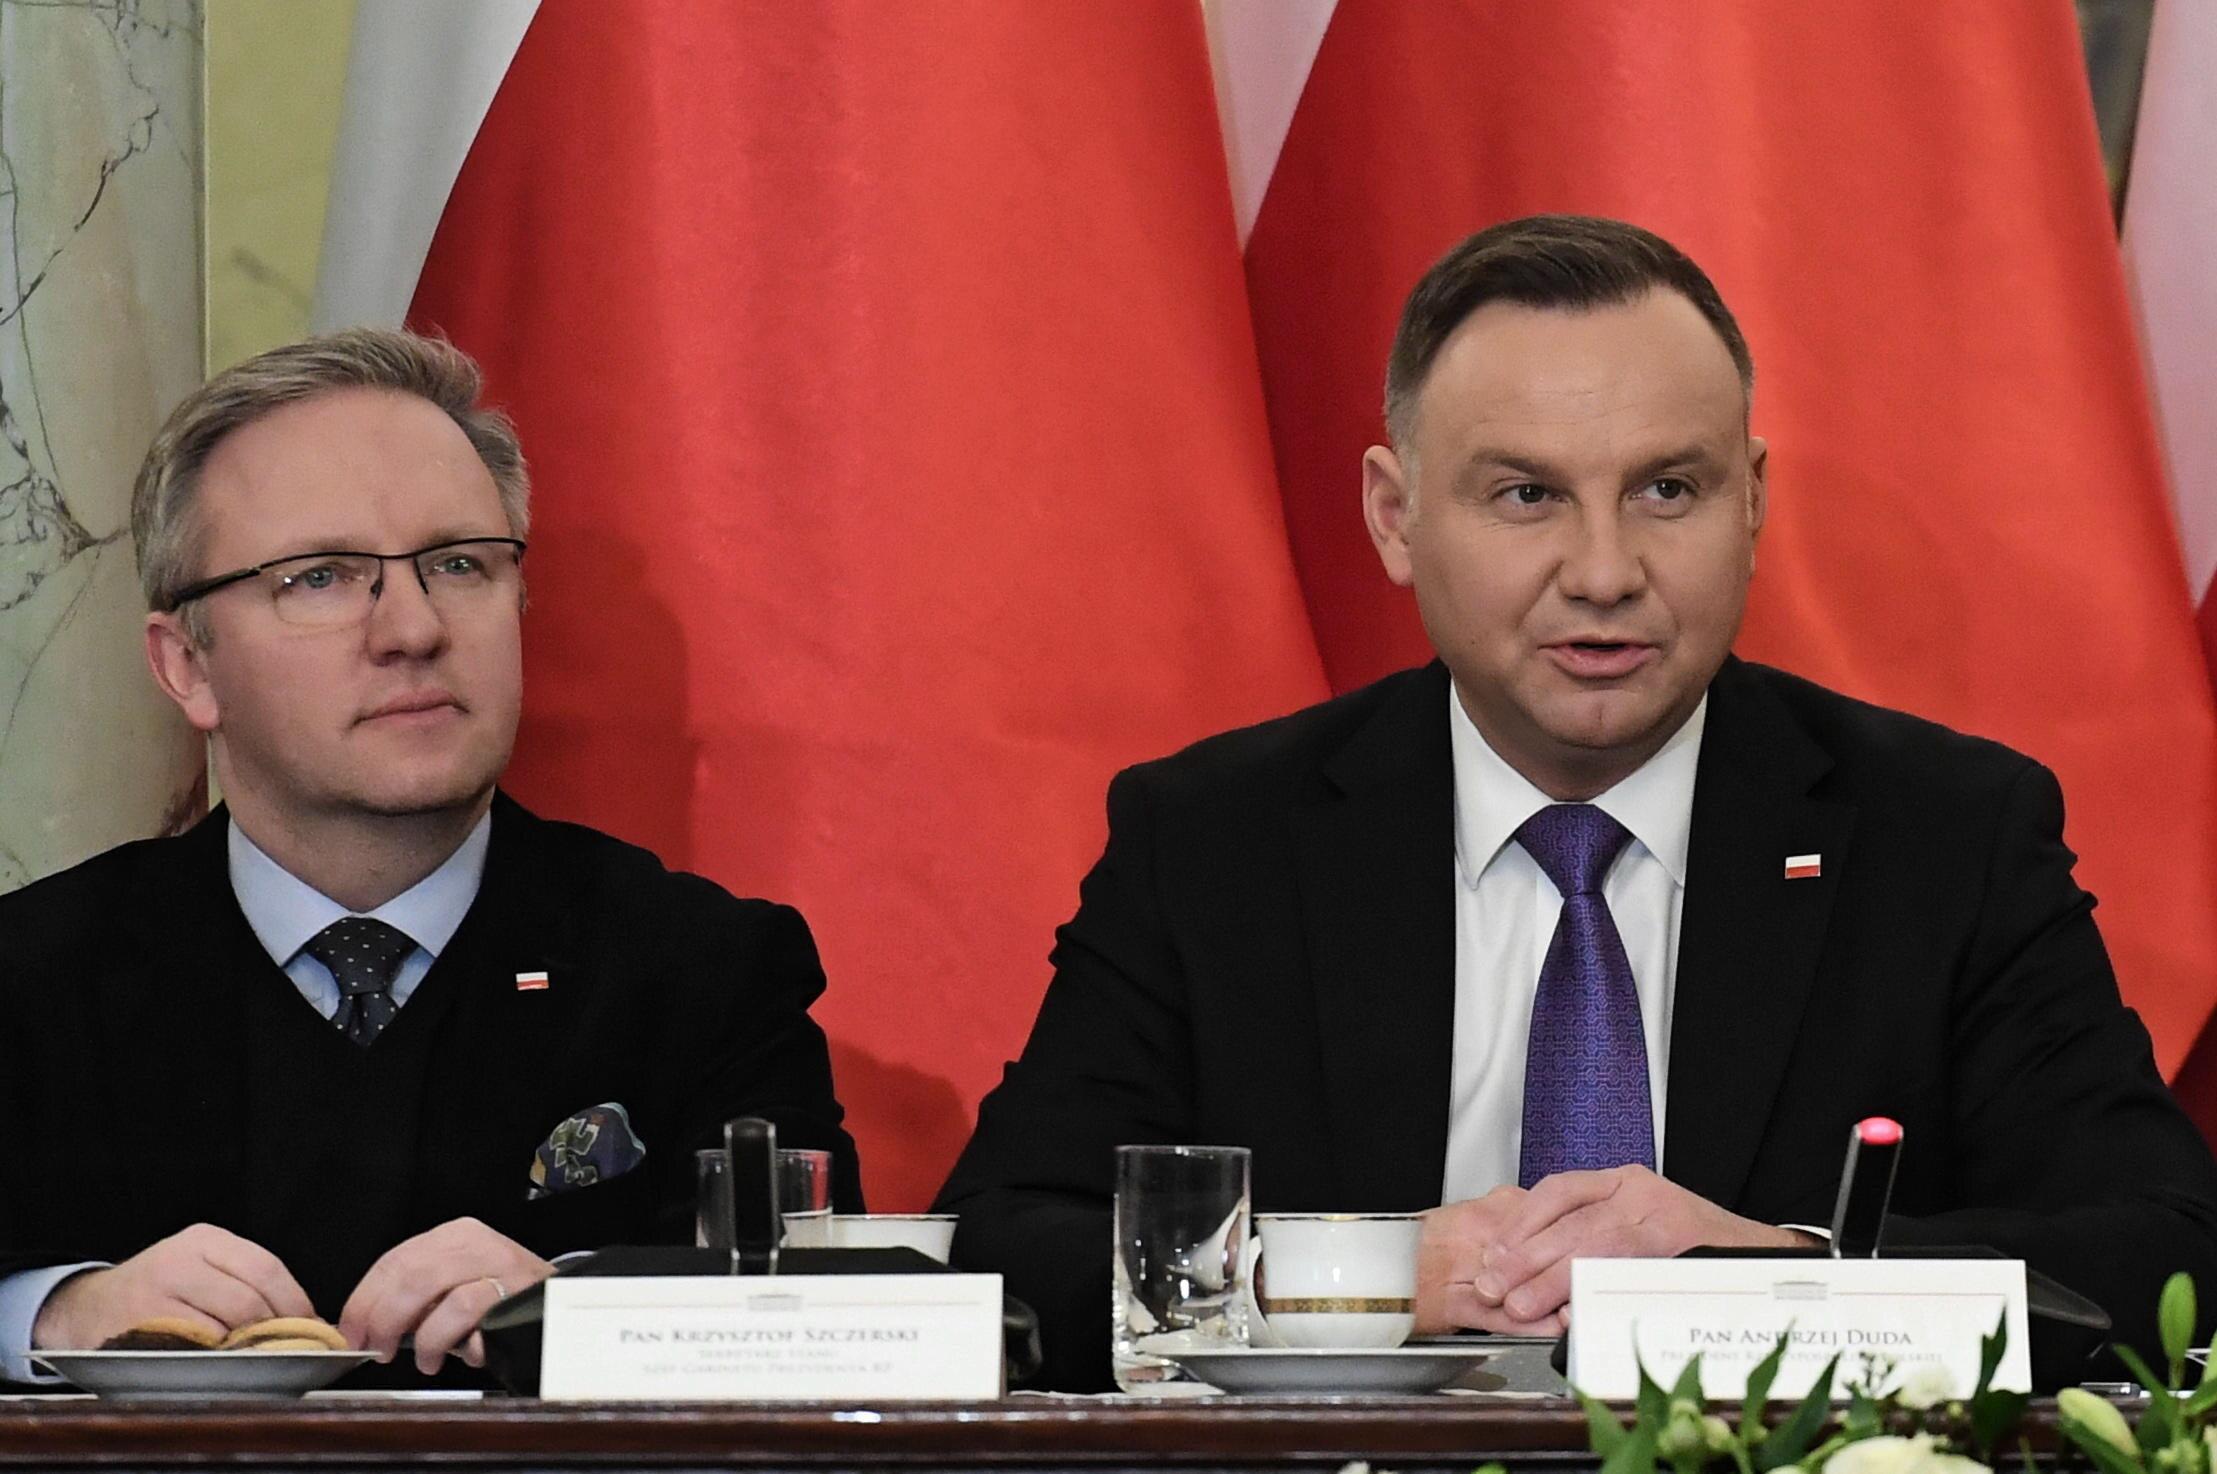 Od lewej: Krzysztof Szczerski i Andrzej Duda w Pałacu Prezydenckim